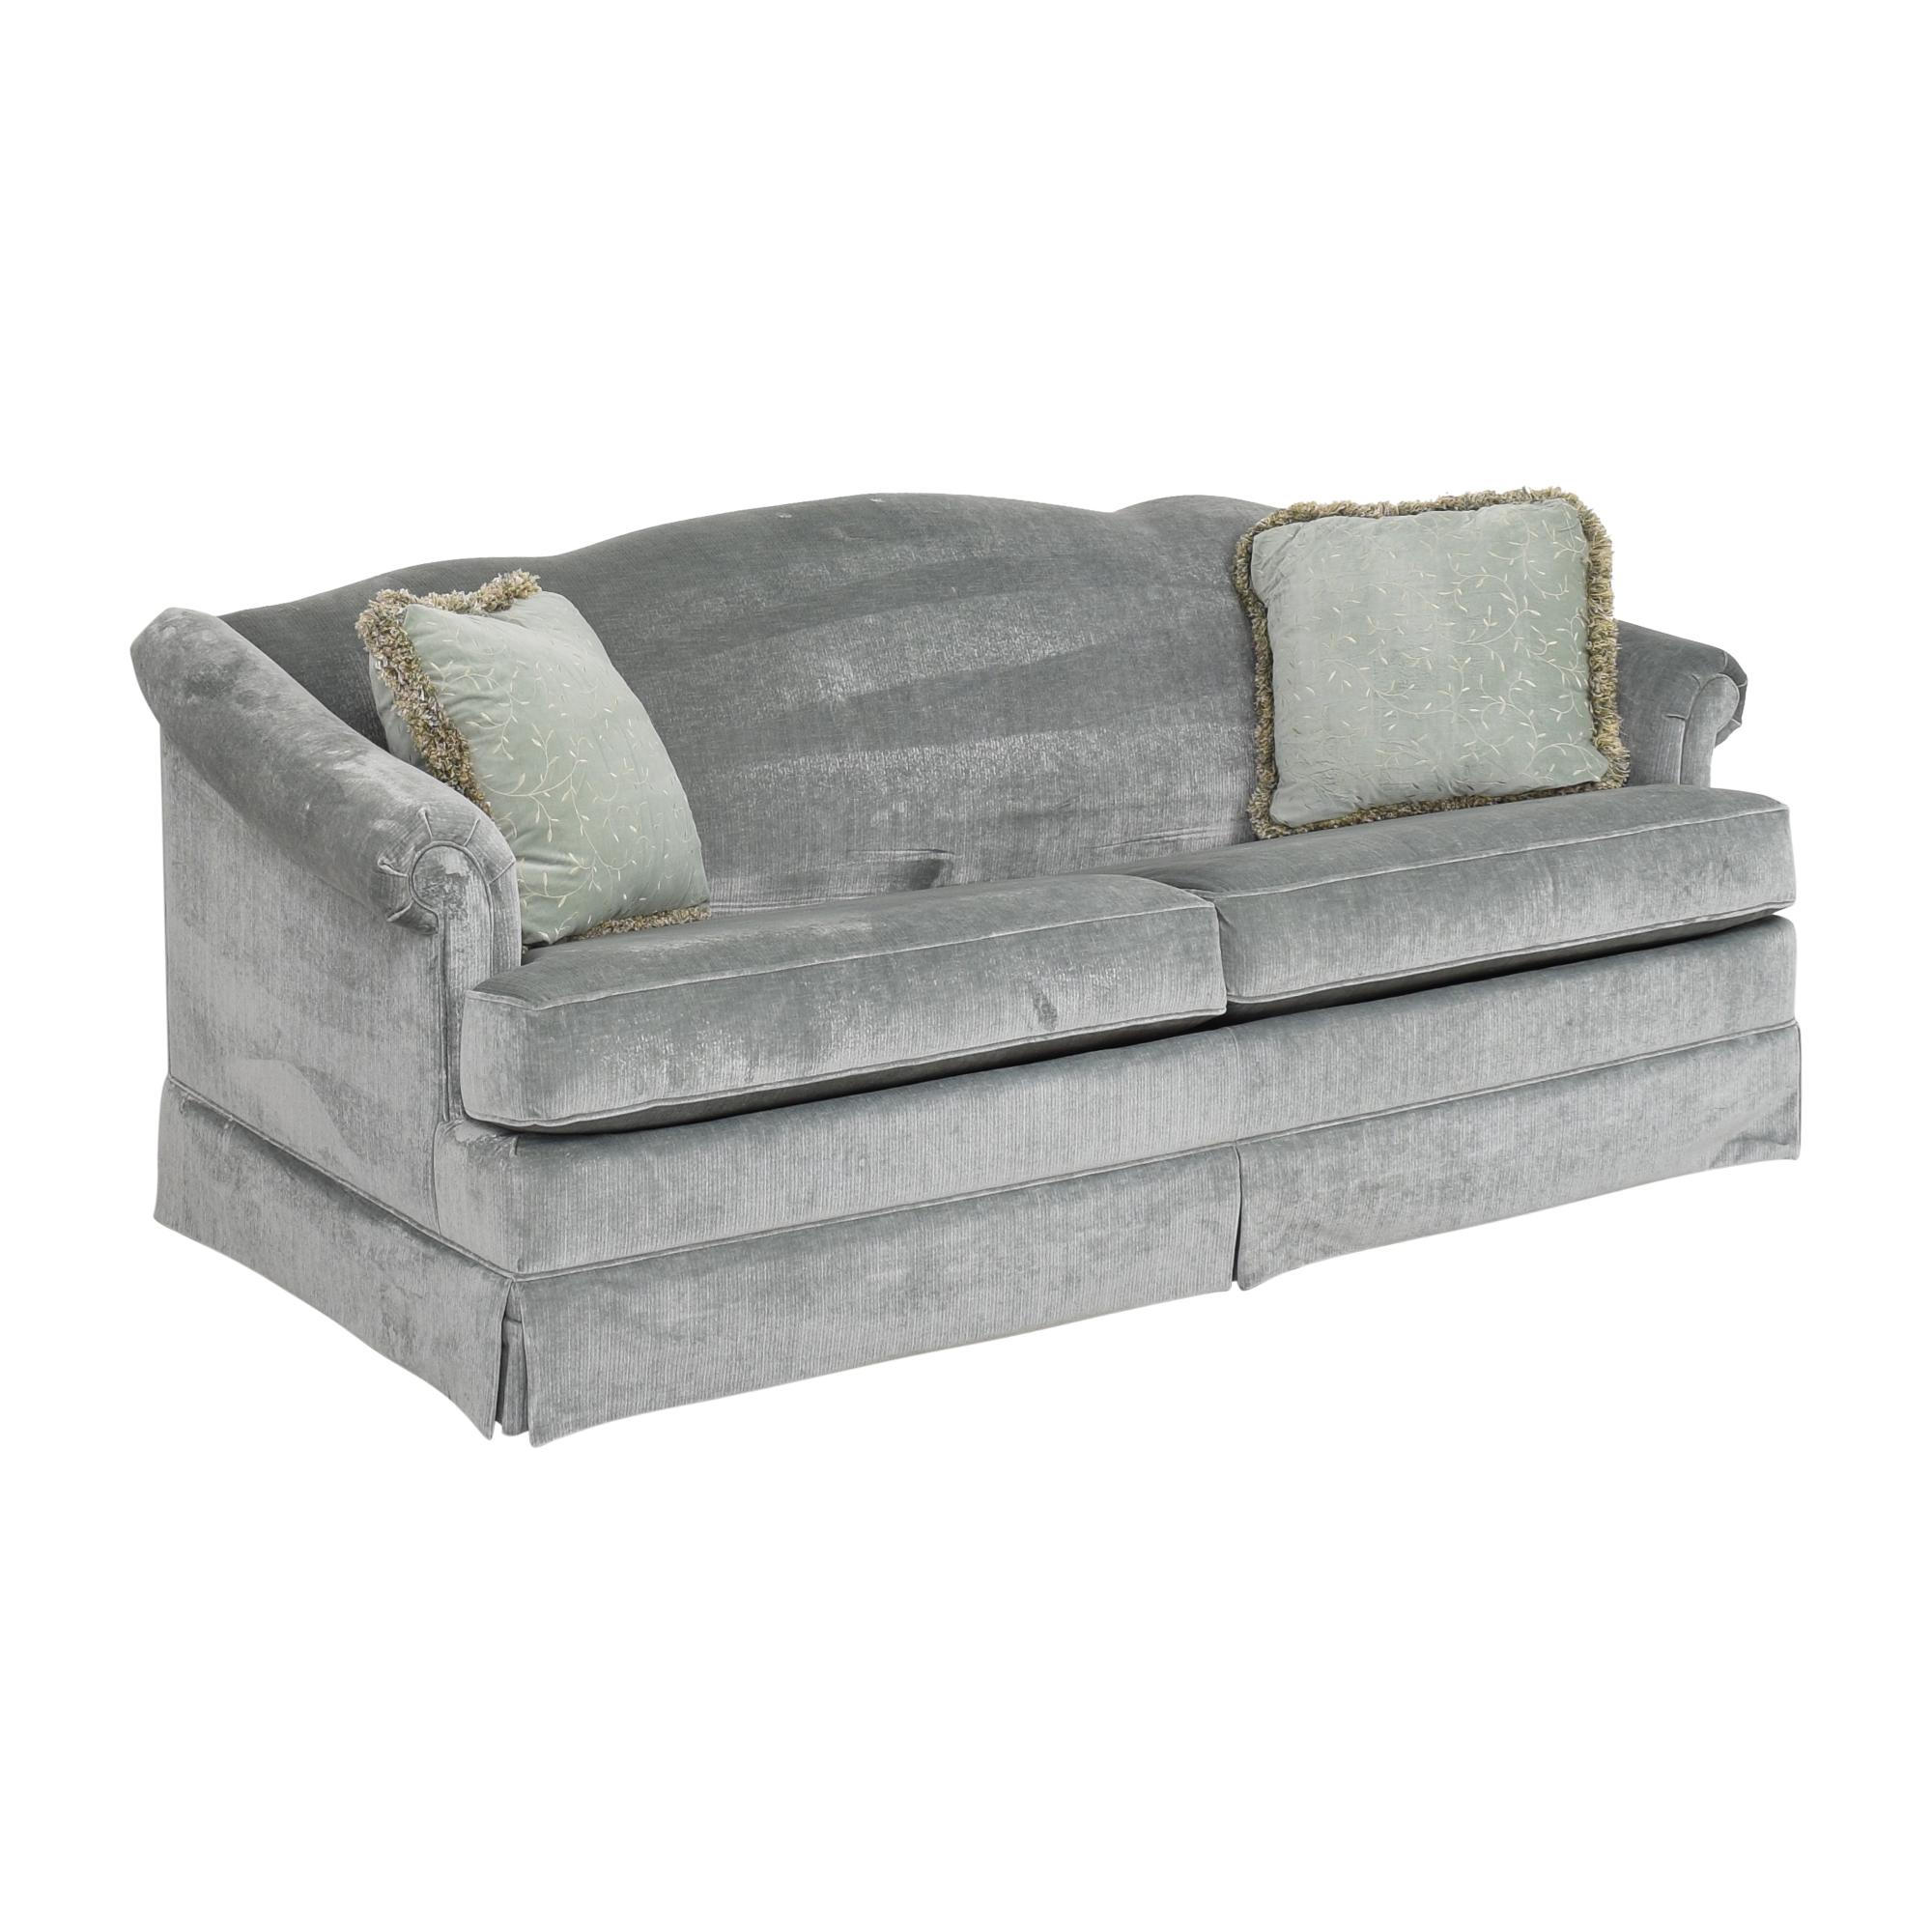 Thomasville Maribel Sleeper Sofa / Sofa Beds